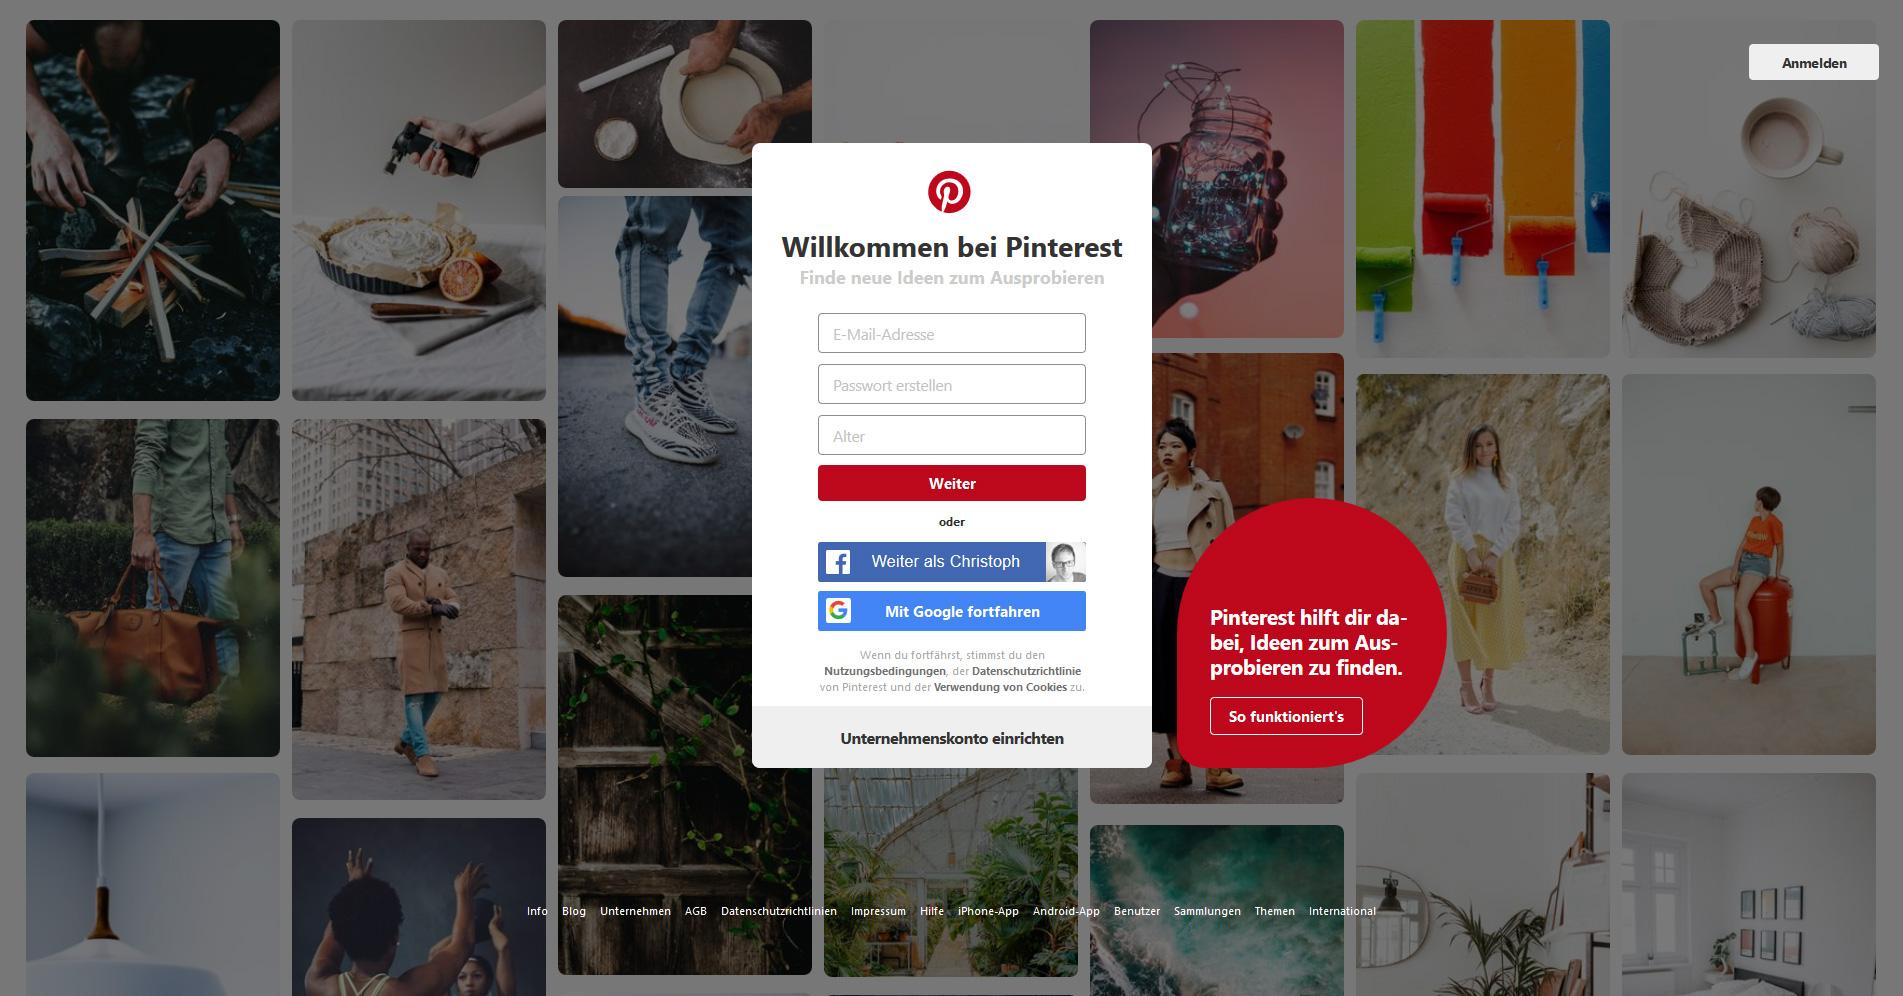 pinterest anleitung - Pinterest Anleitung: Was ist Pinterest?